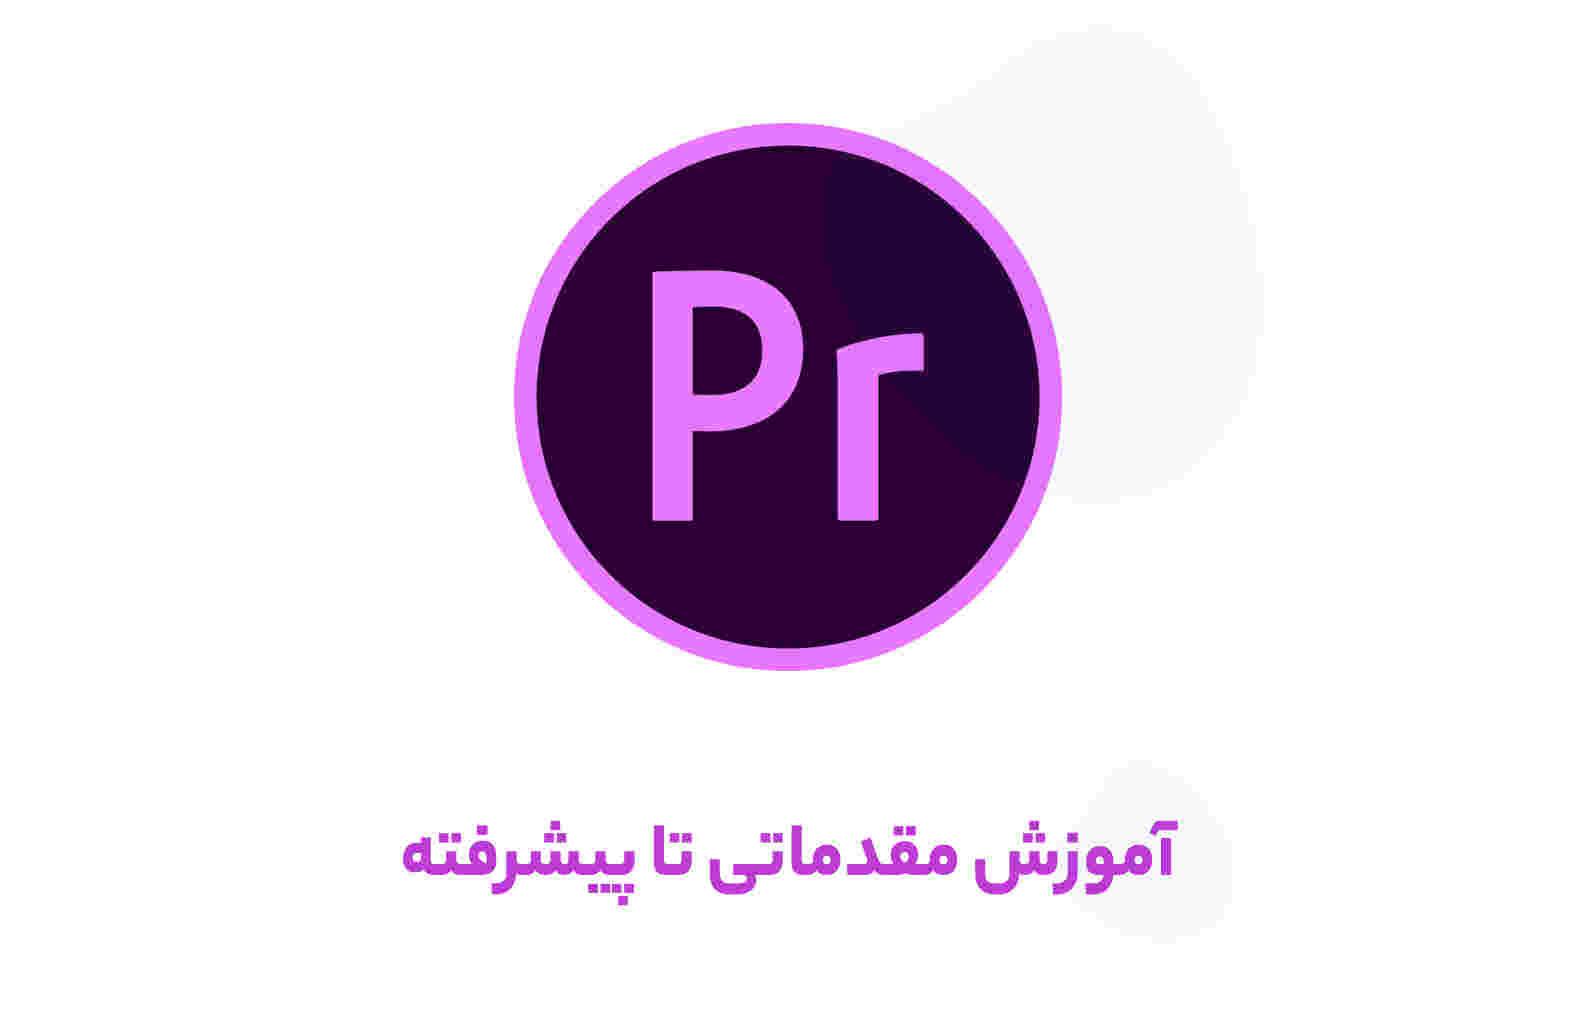 آموزش پریمیر (Adobe Premiere Pro) مقدماتی تا پیشرفته